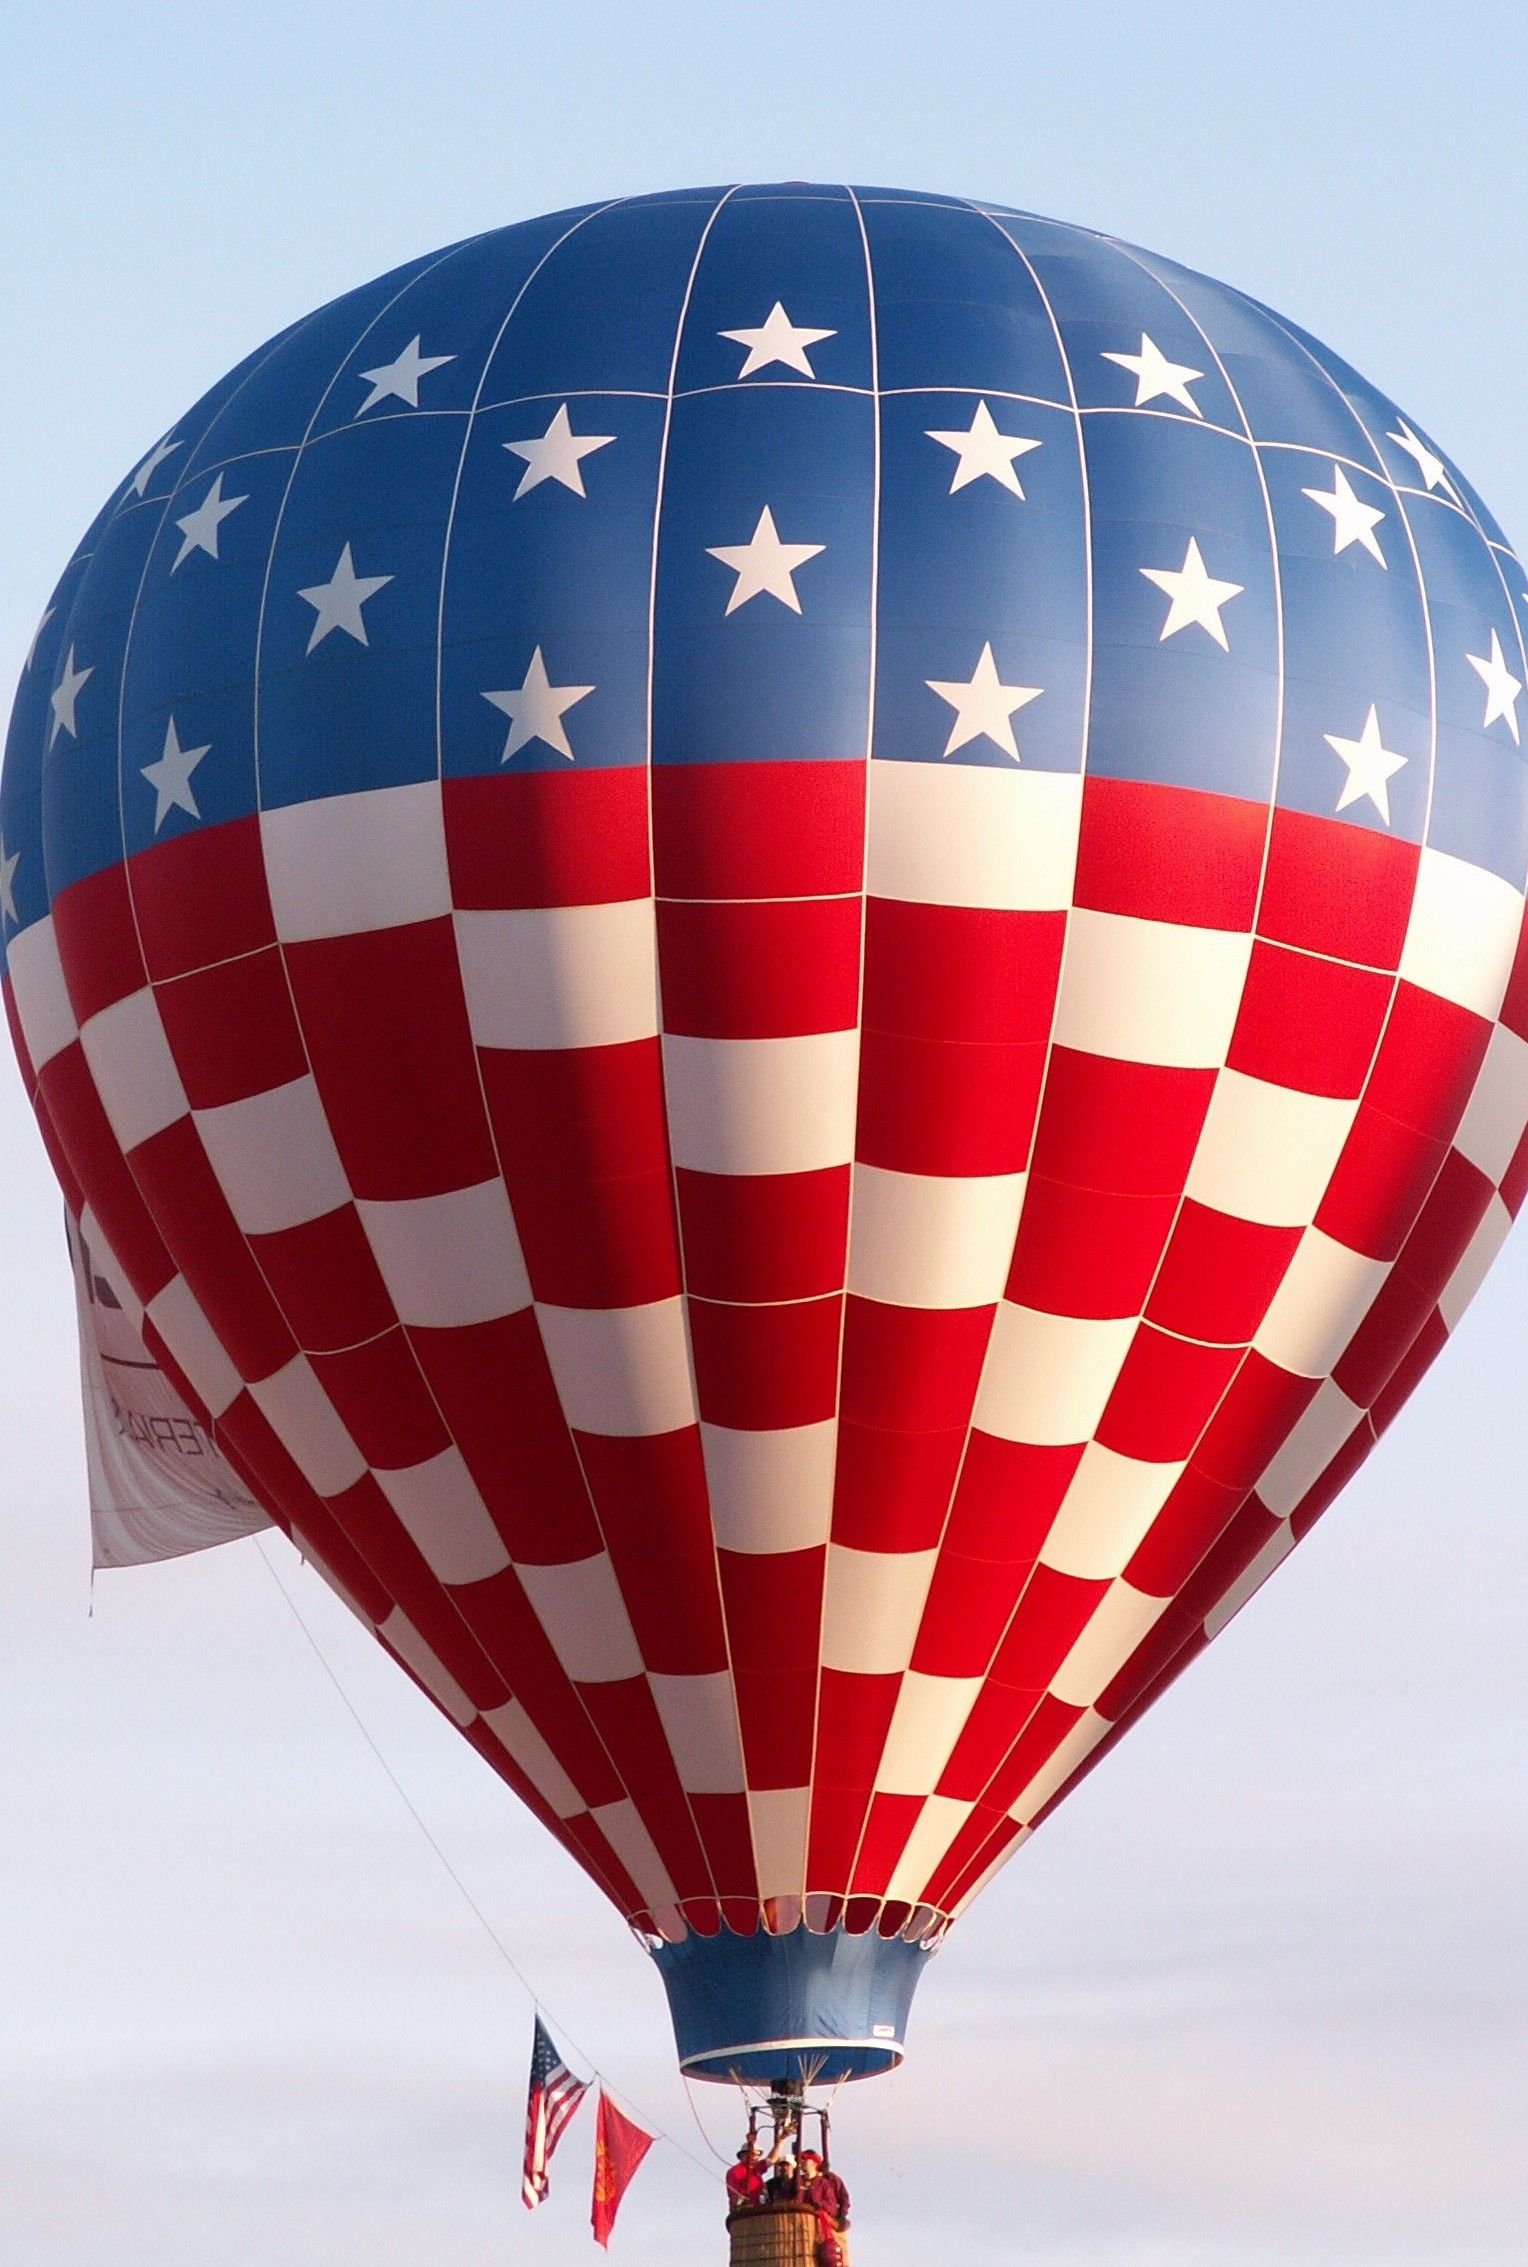 Patriotic Hot Air Balloon … Flying High/ Hot Air